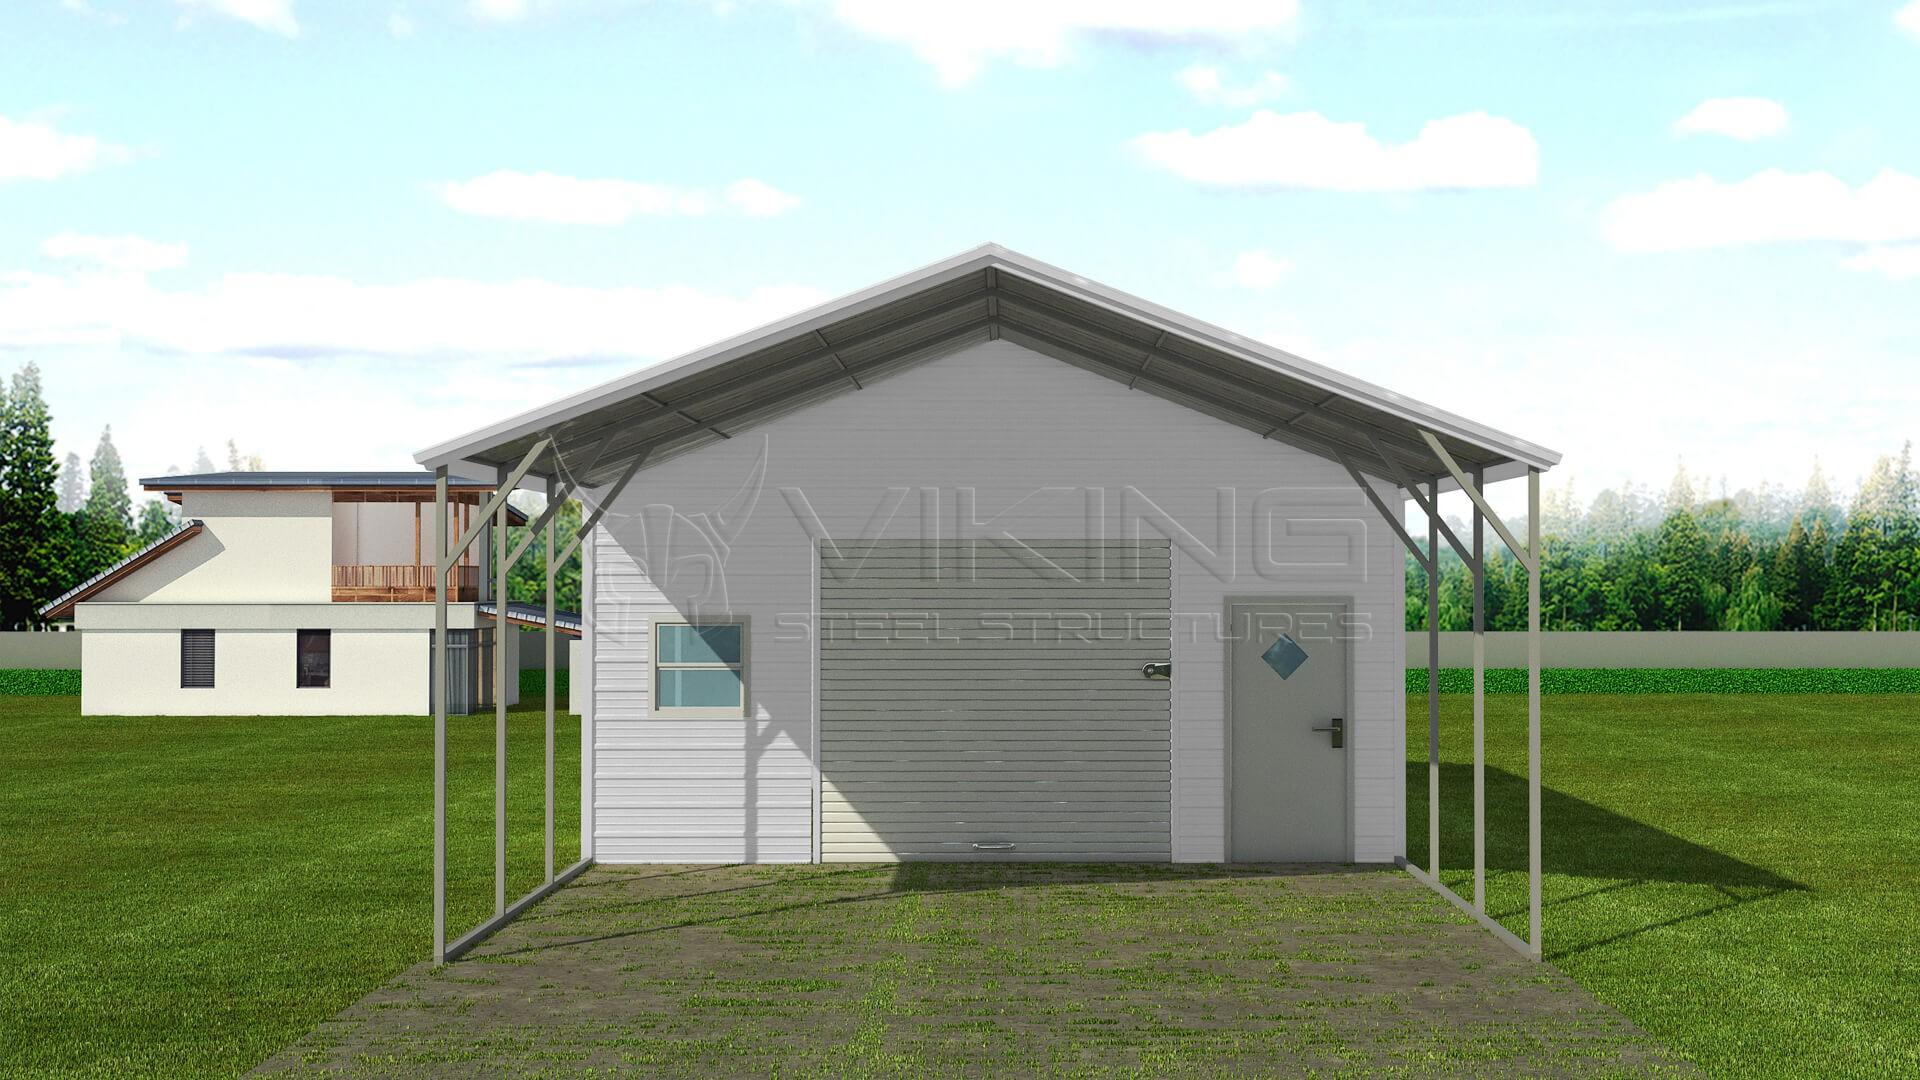 20x36 Steel Carport With Storage